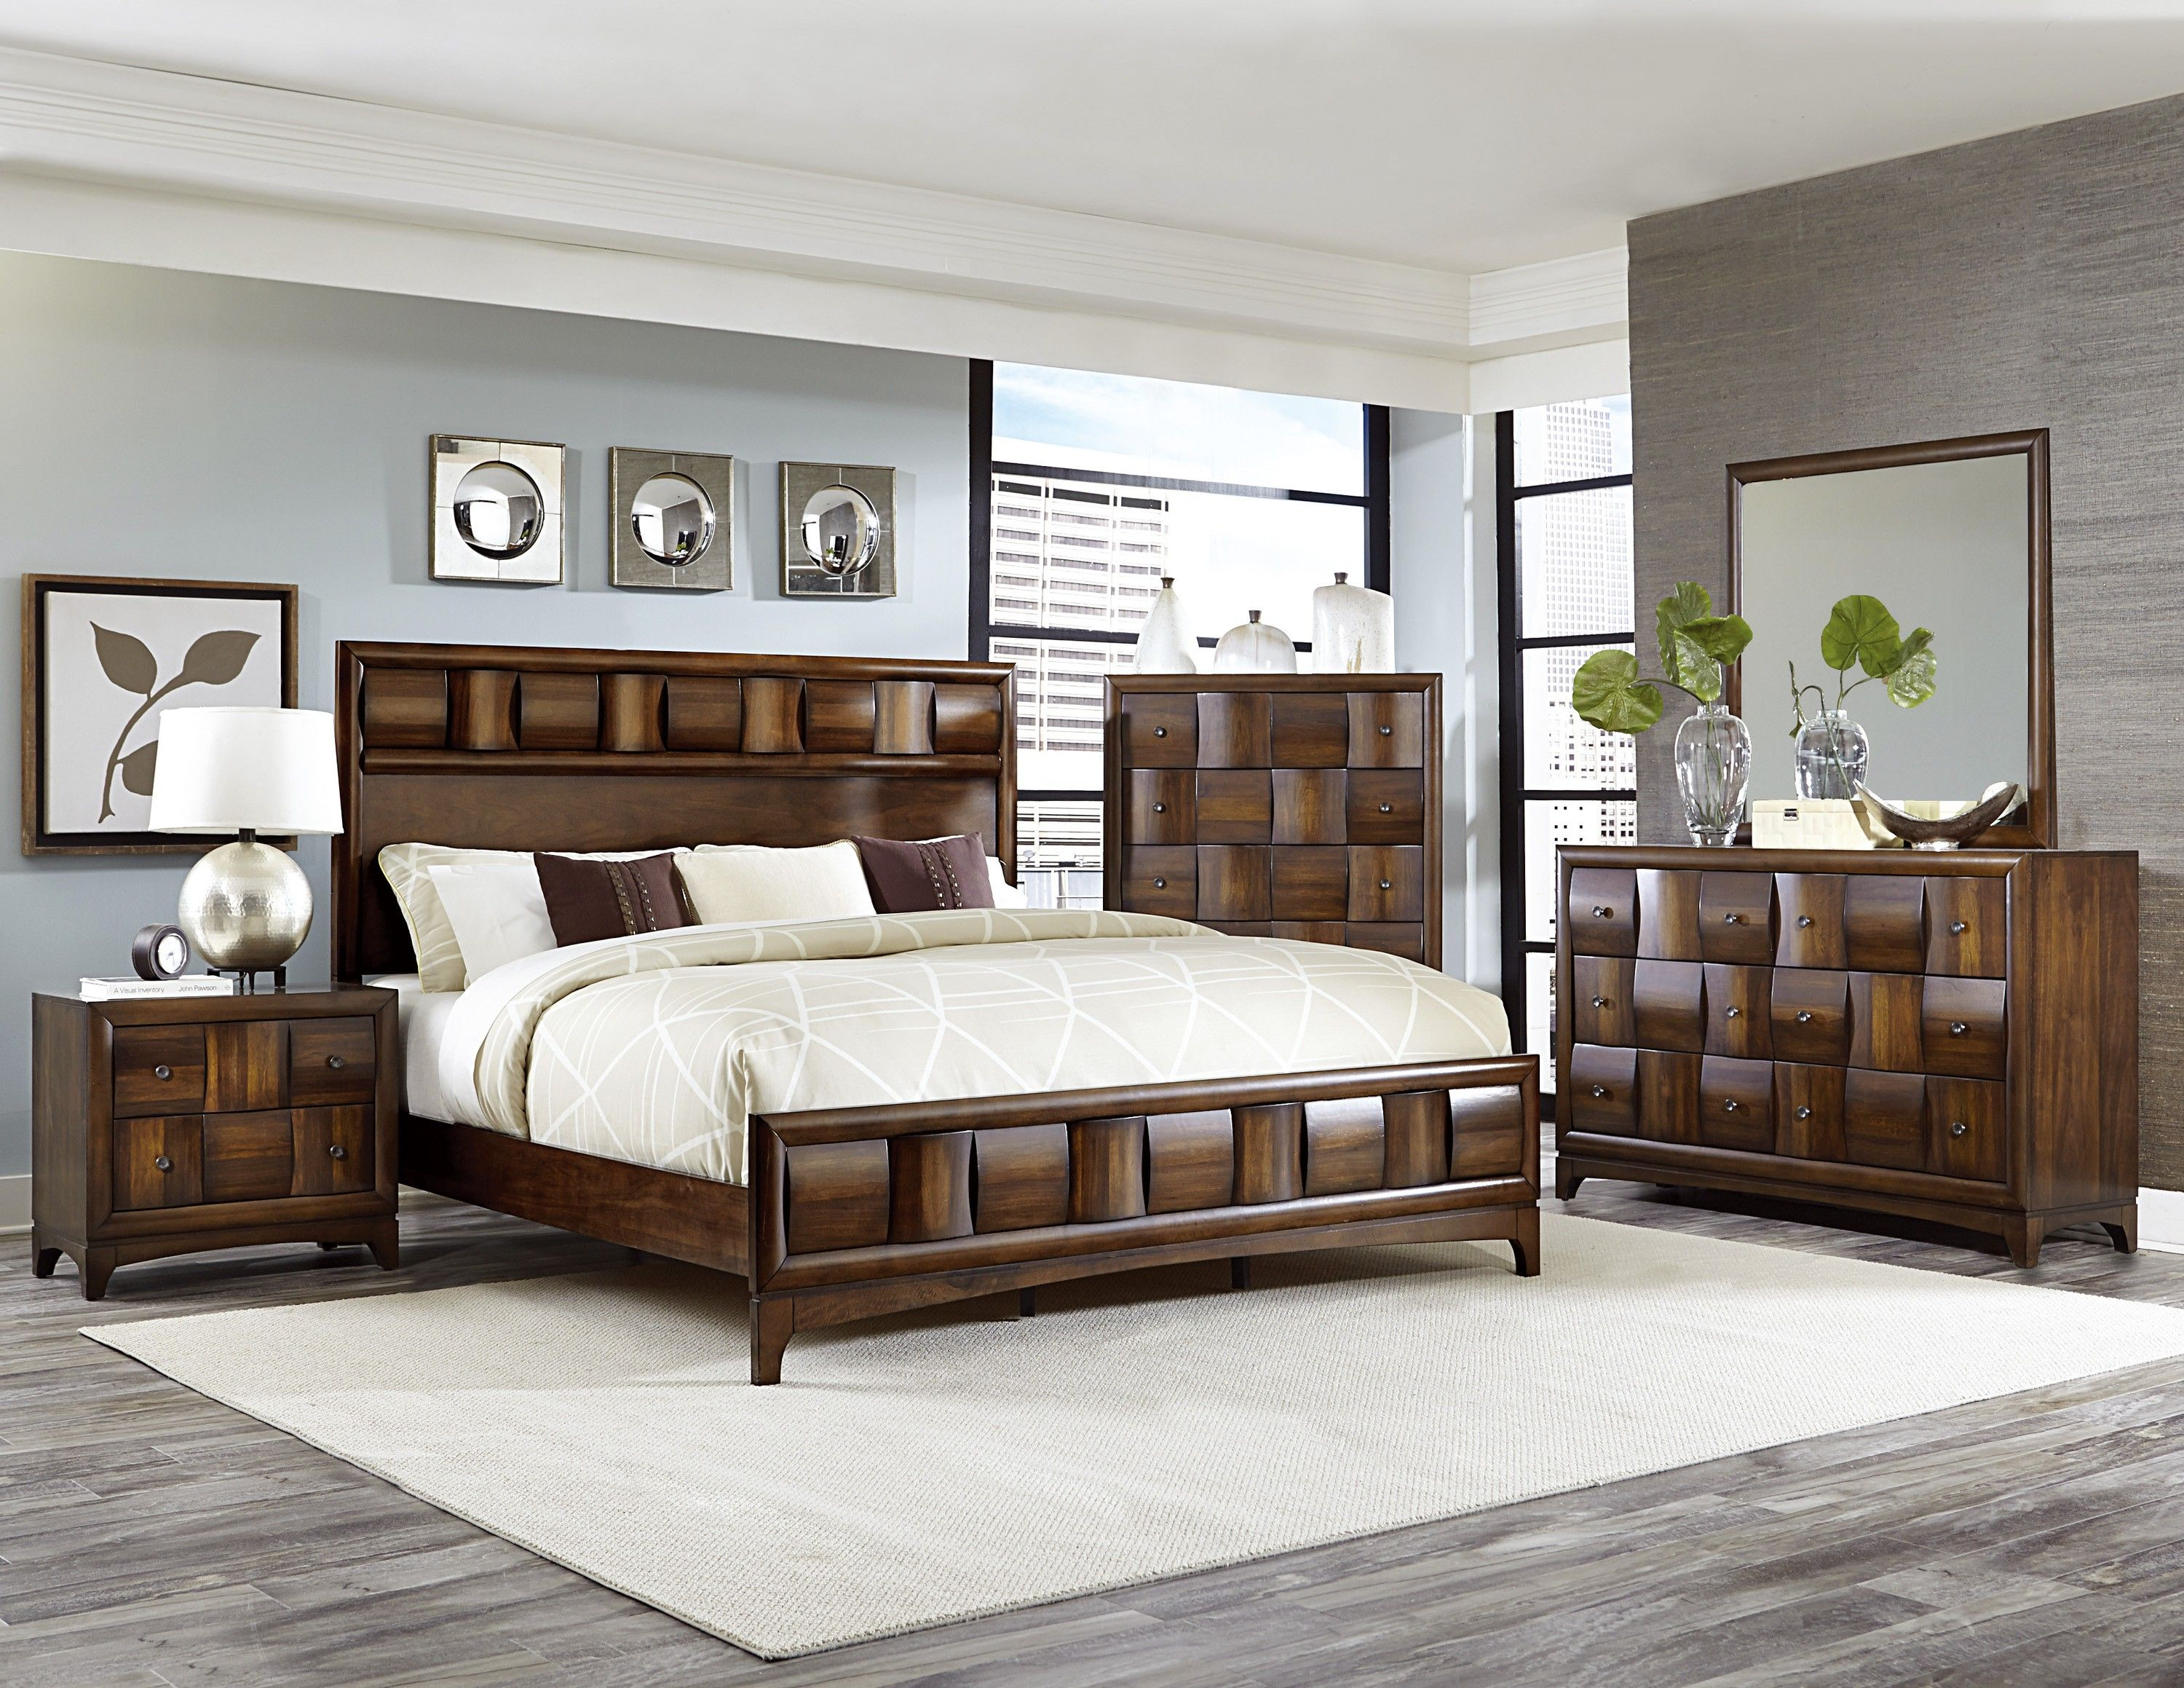 Innenarchitektur von schlafzimmermöbeln porter pc bedroom set  pintura pieza  pinterest  schlafzimmer